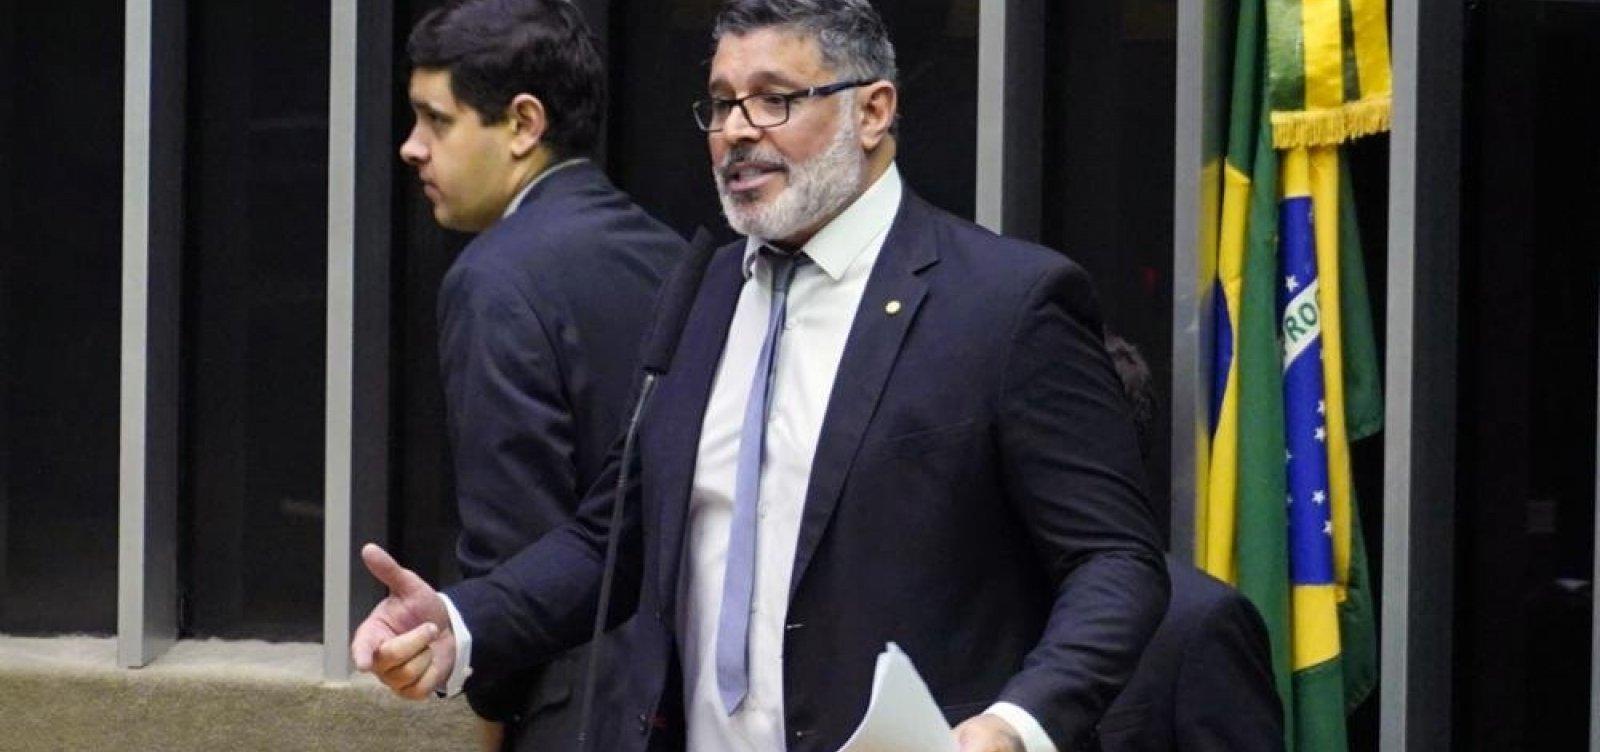 ['Bolsonaro não suporta o processo democrático', diz Frota]